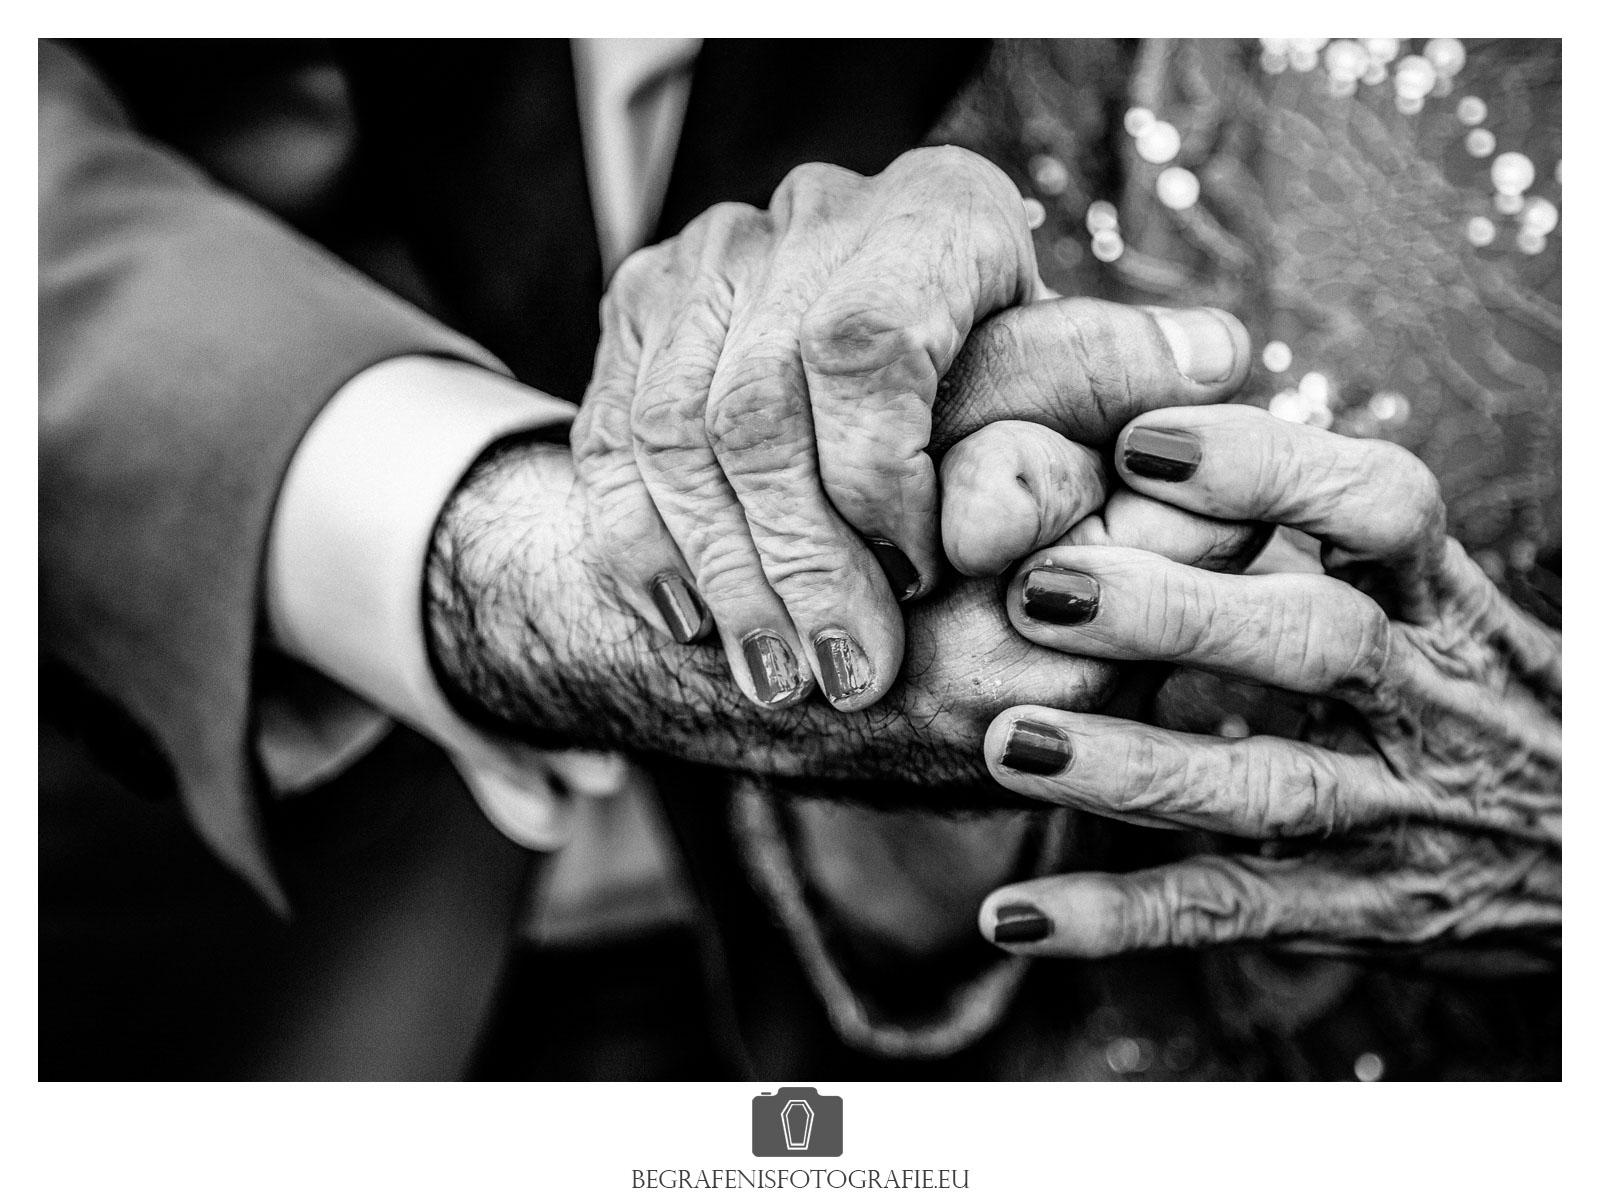 begrafenis-fotograaf-fotografie-rouw-uitvaart-afscheid-1